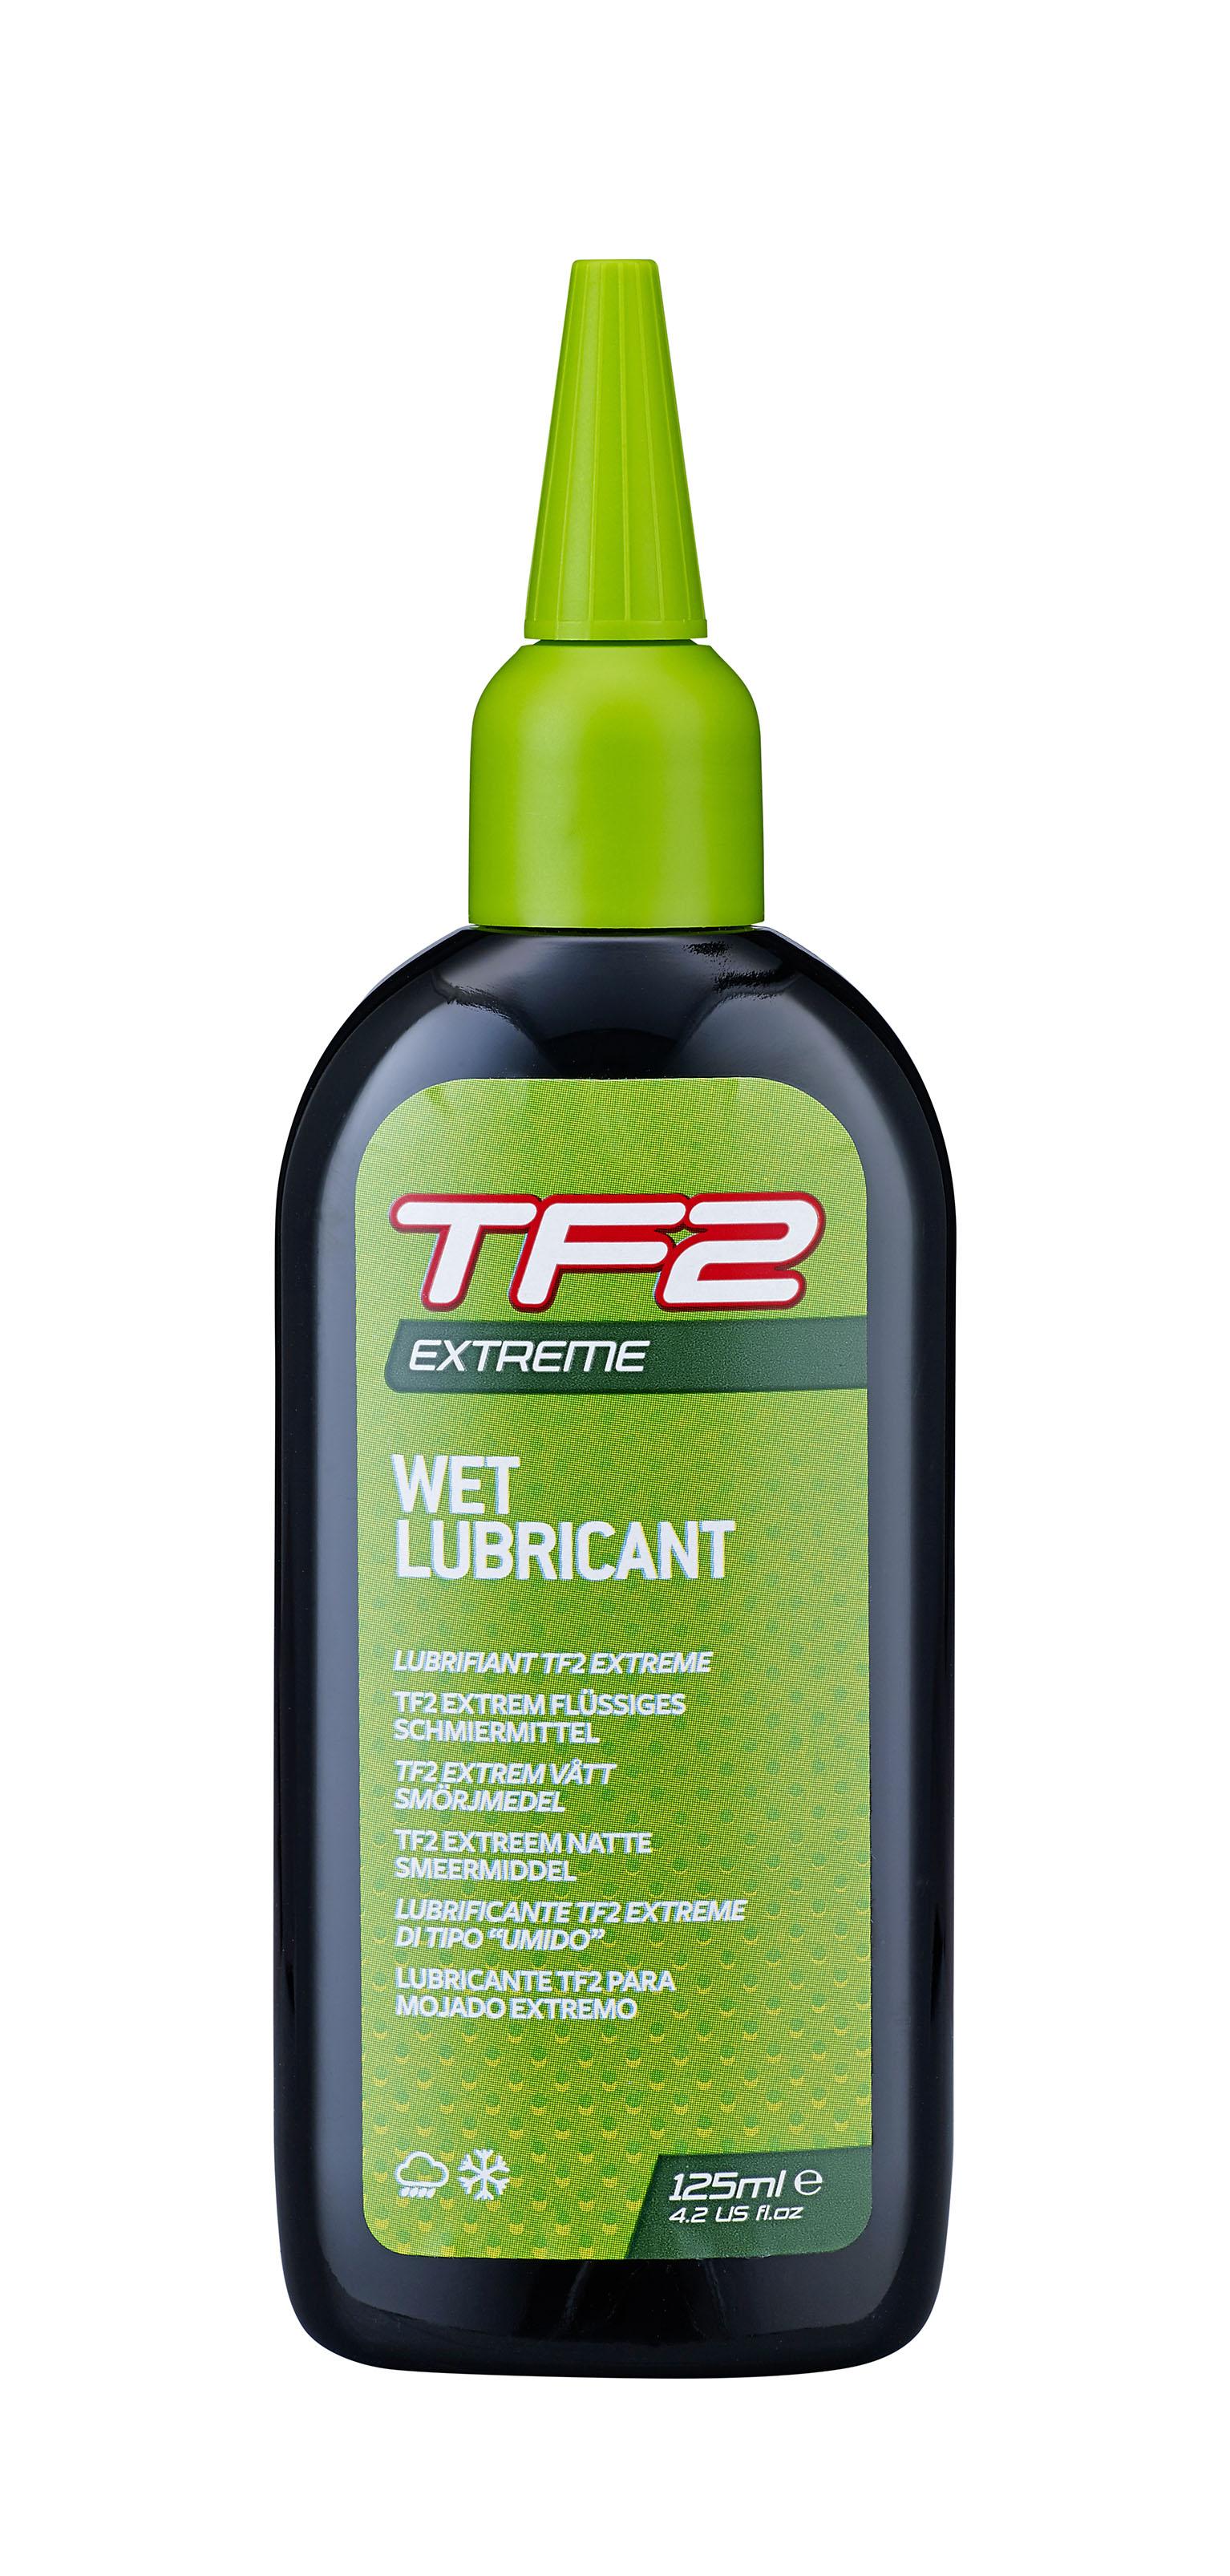 Ulje za podmazivanje WET LUBRICANT TF2 EXTREME 125ml WELDTITE 03037